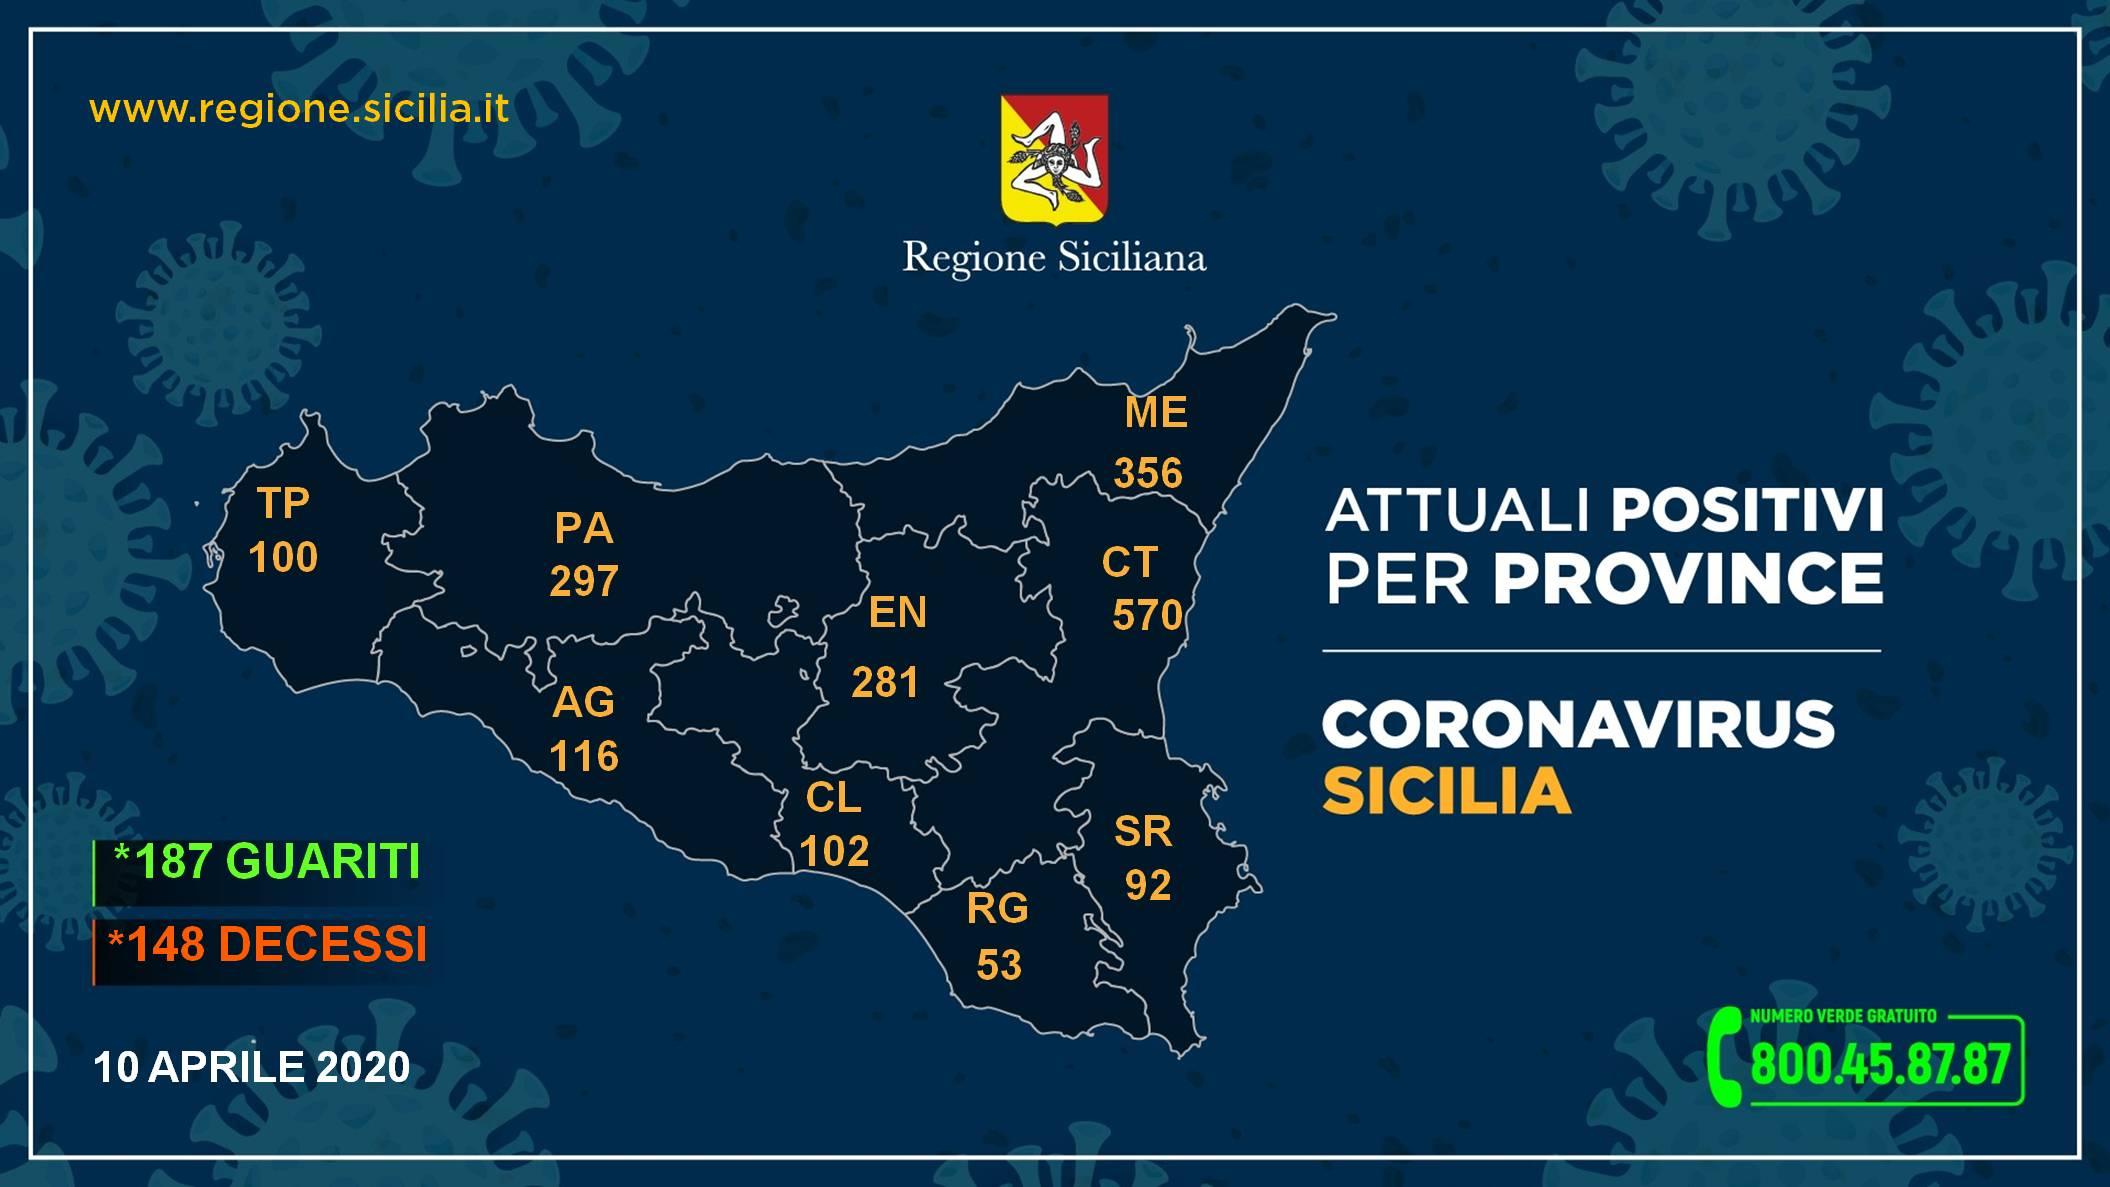 Covid frena ancora in Sicilia: +25 positivi. Diminuiscono i contagiati a Catania